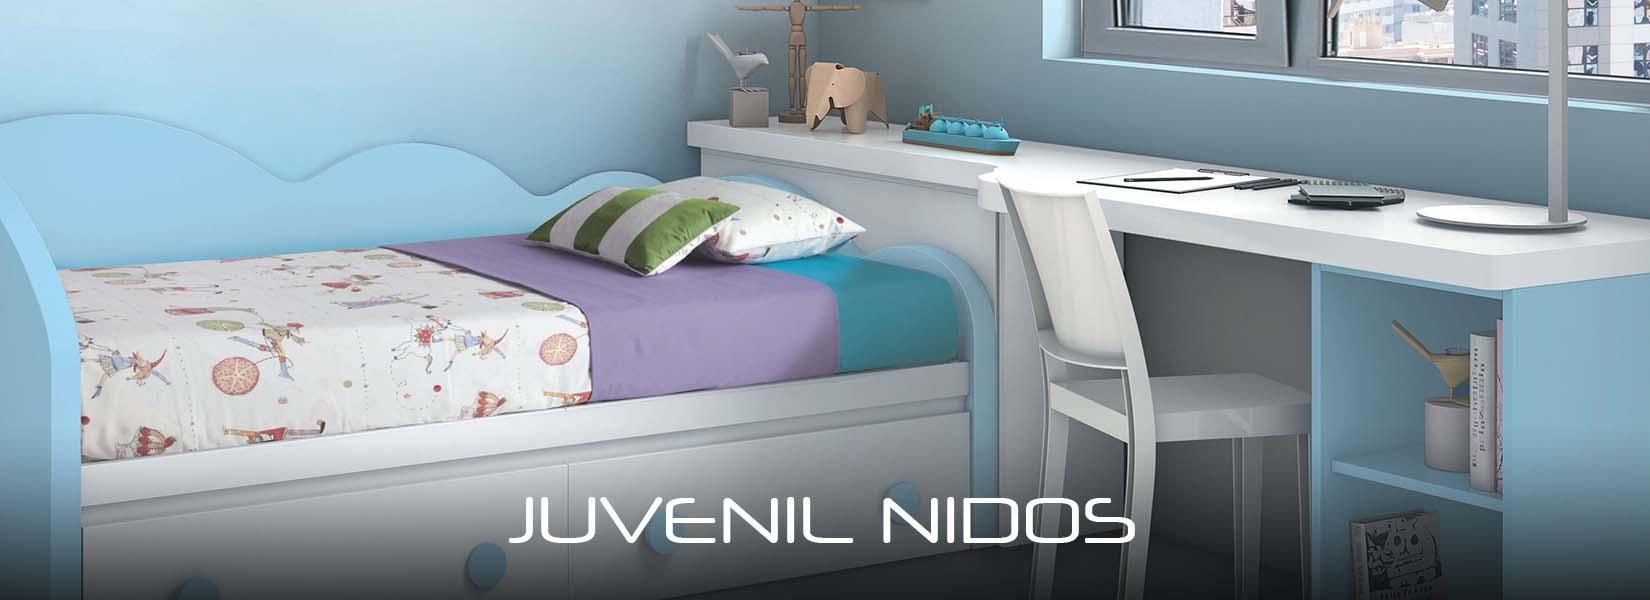 slider_cat_juv_nid_1